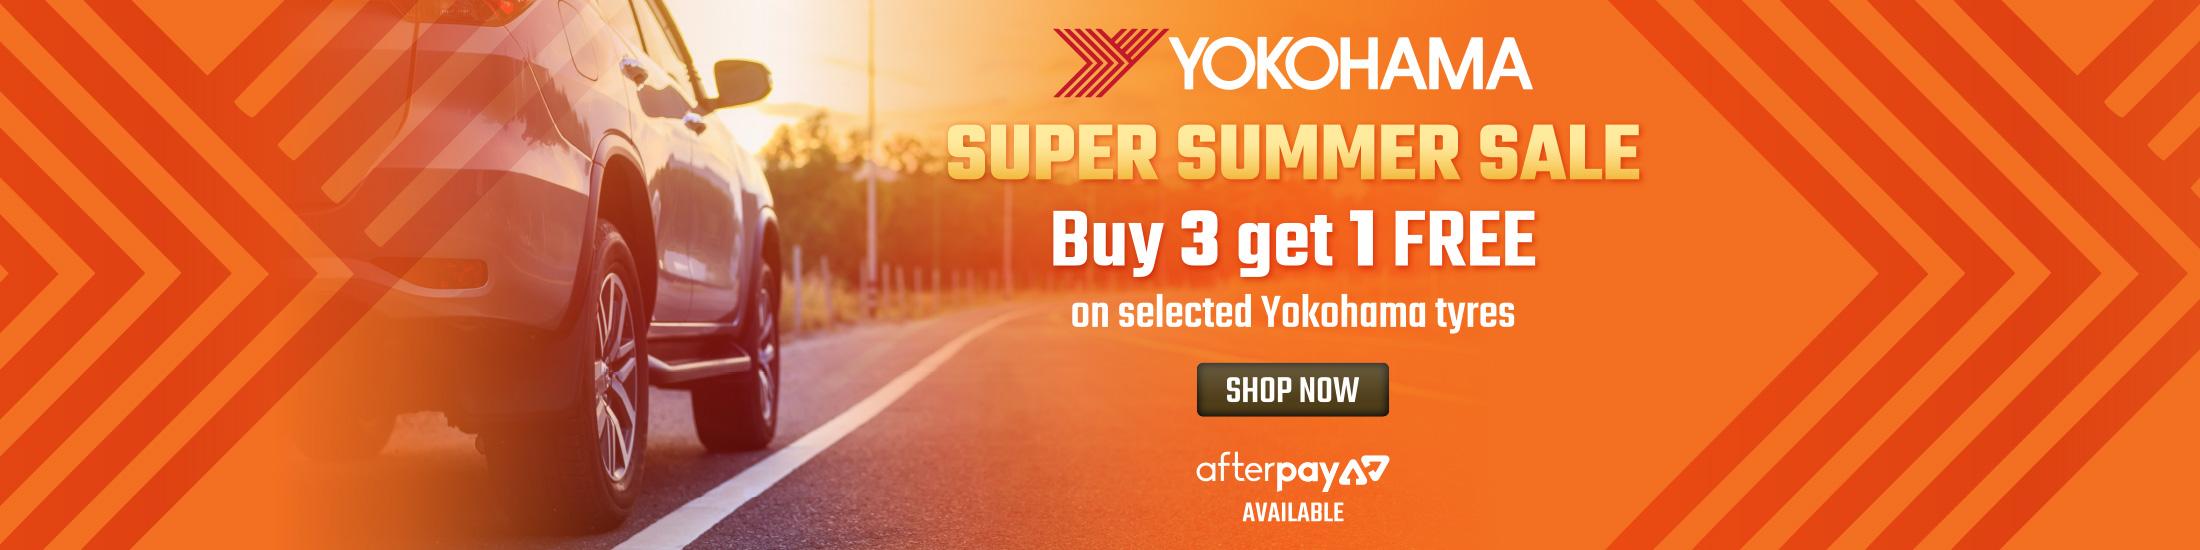 Yokohama Super Summer Sale